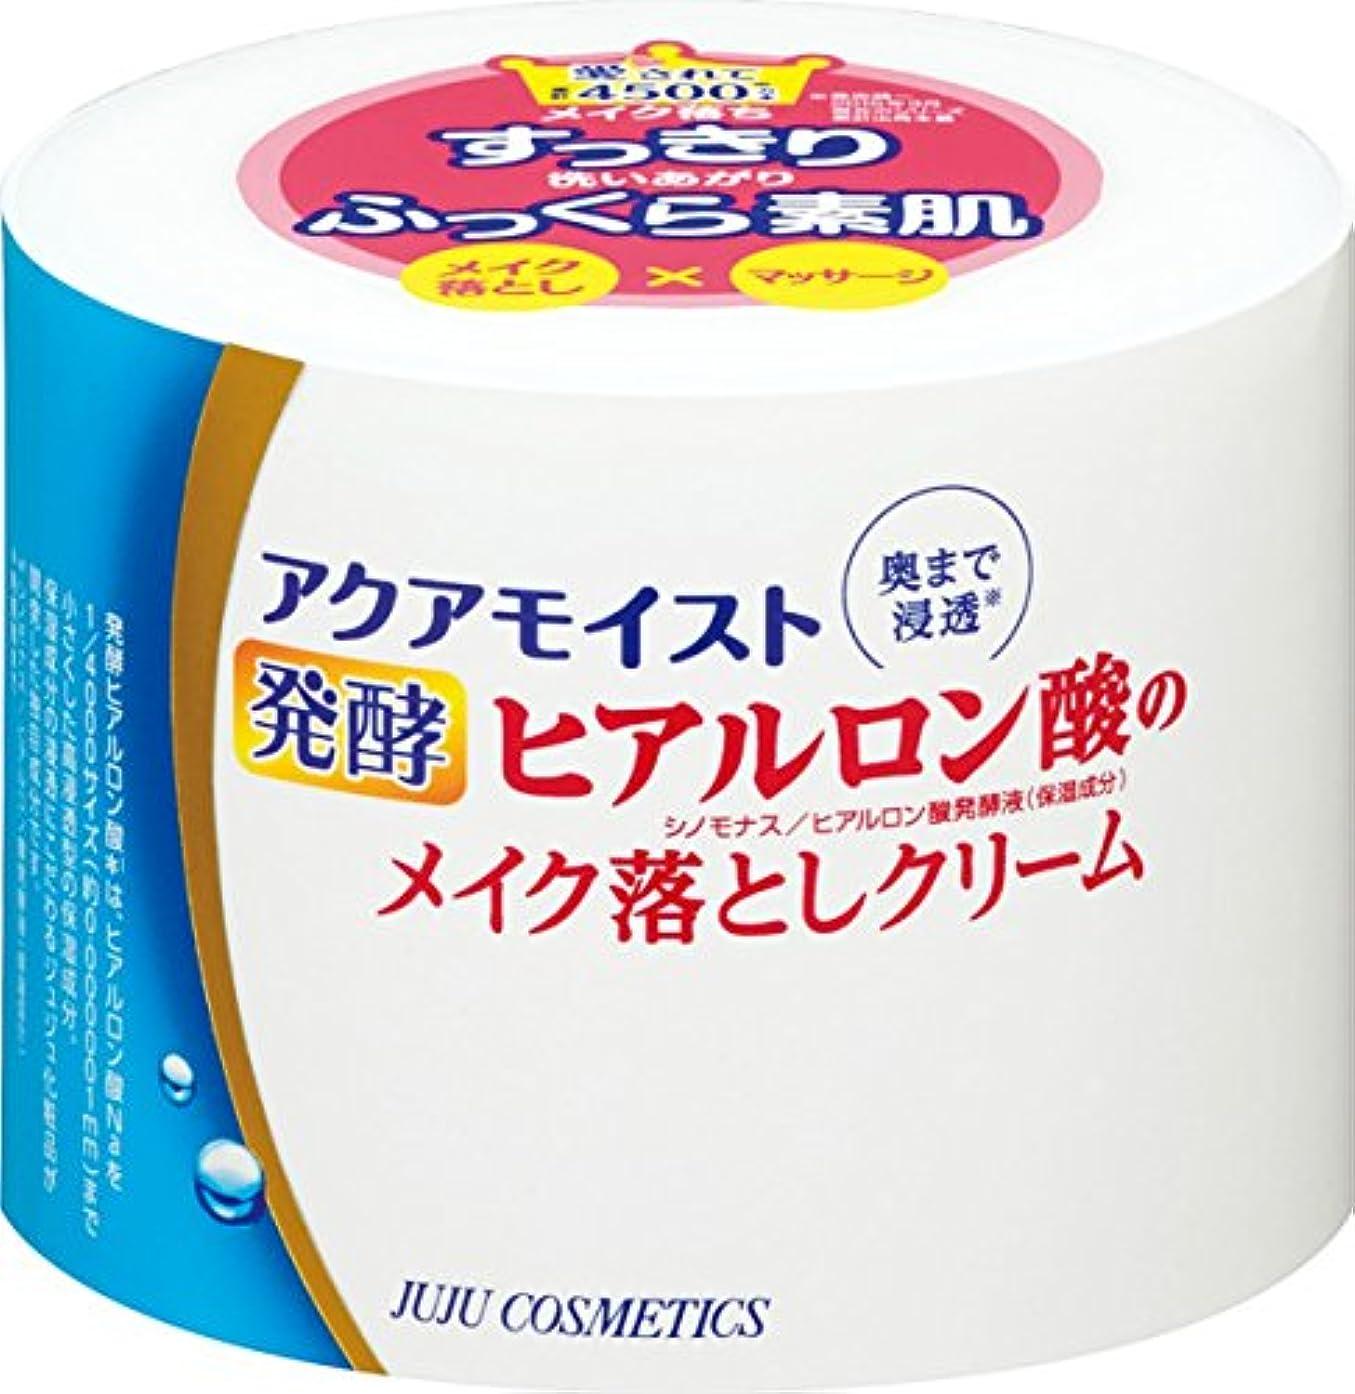 ブローホールアーネストシャクルトンレジデンスアクアモイスト 発酵ヒアルロン酸のメイク落としクリーム 160g